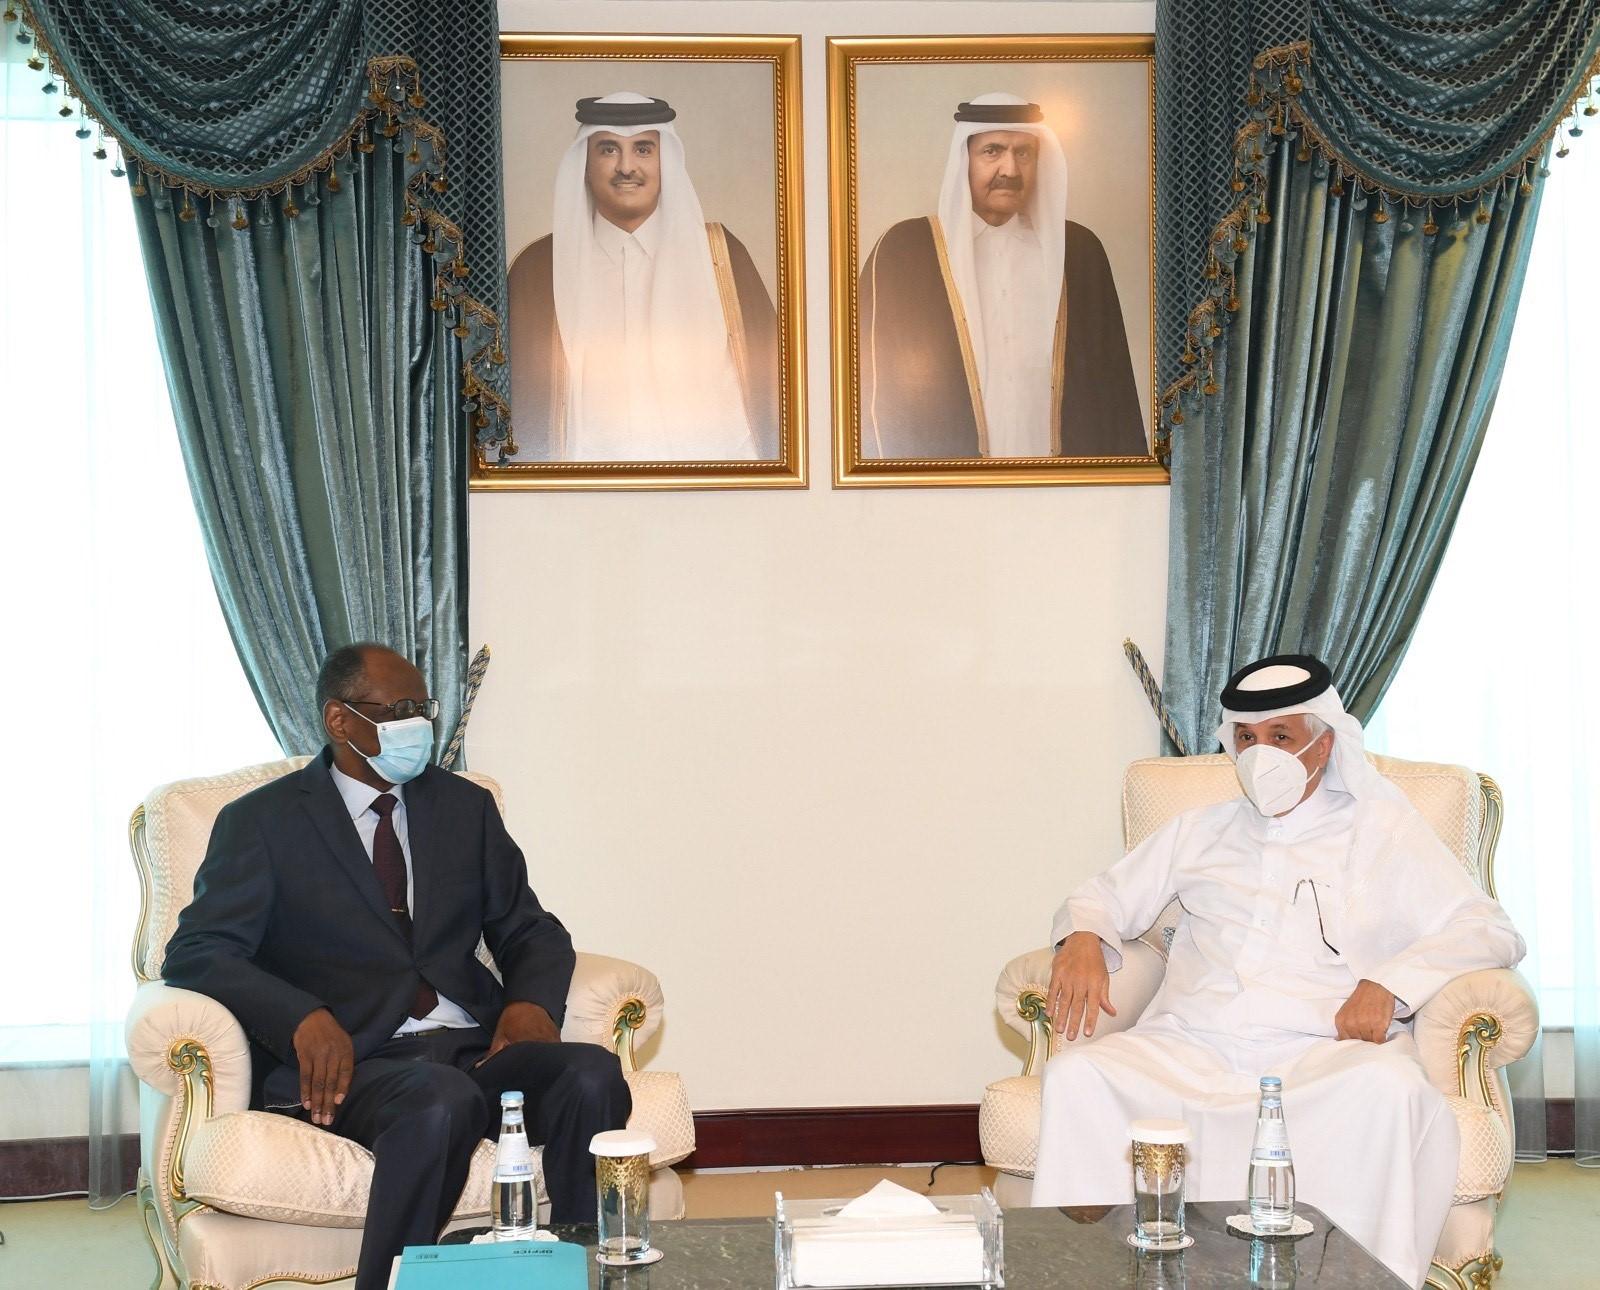 وزير الدولة للشؤون الخارجية يجتمع مع الأمين العام لوزارة خارجية مالي